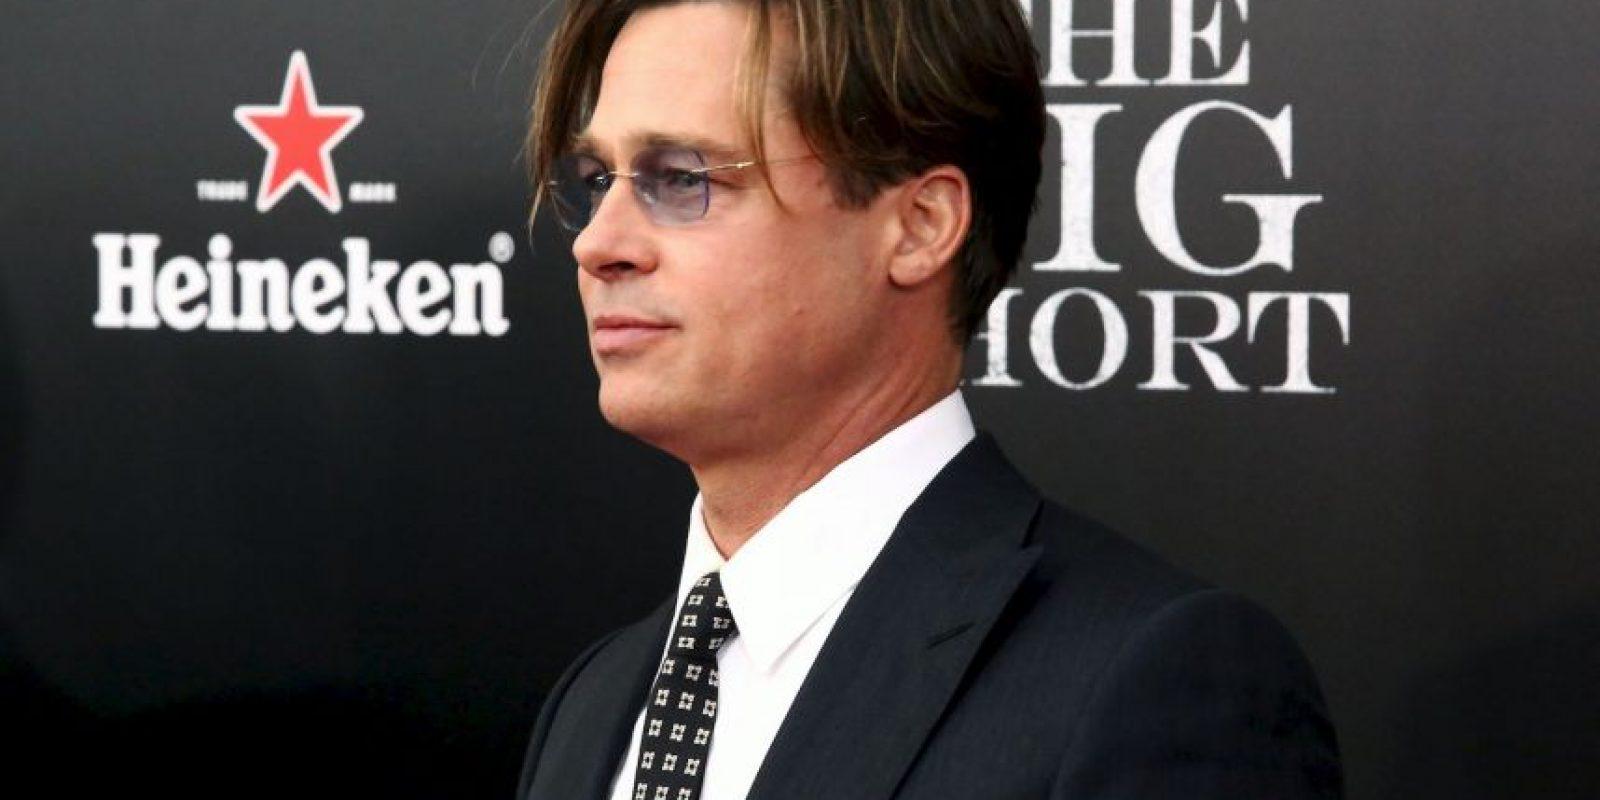 El actor reapareció después de su divorcio Foto:Getty Images